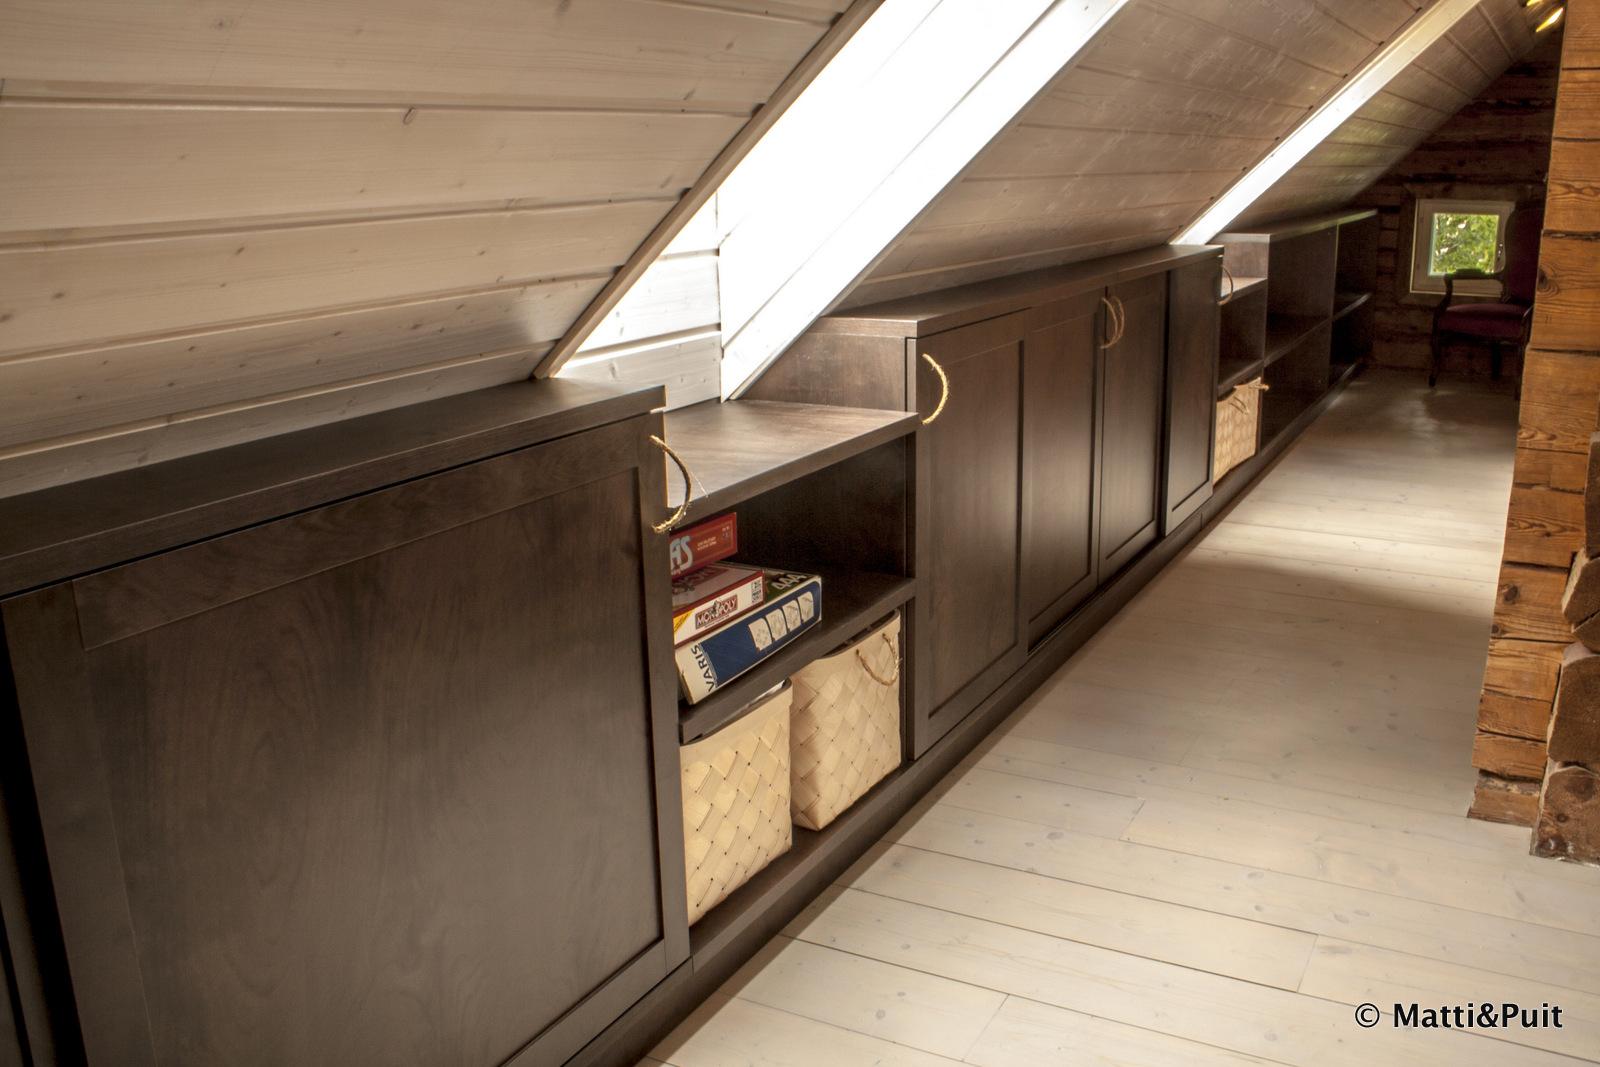 Täispuidust riiulilahendus viilkatuse alla, mattipuit.ee